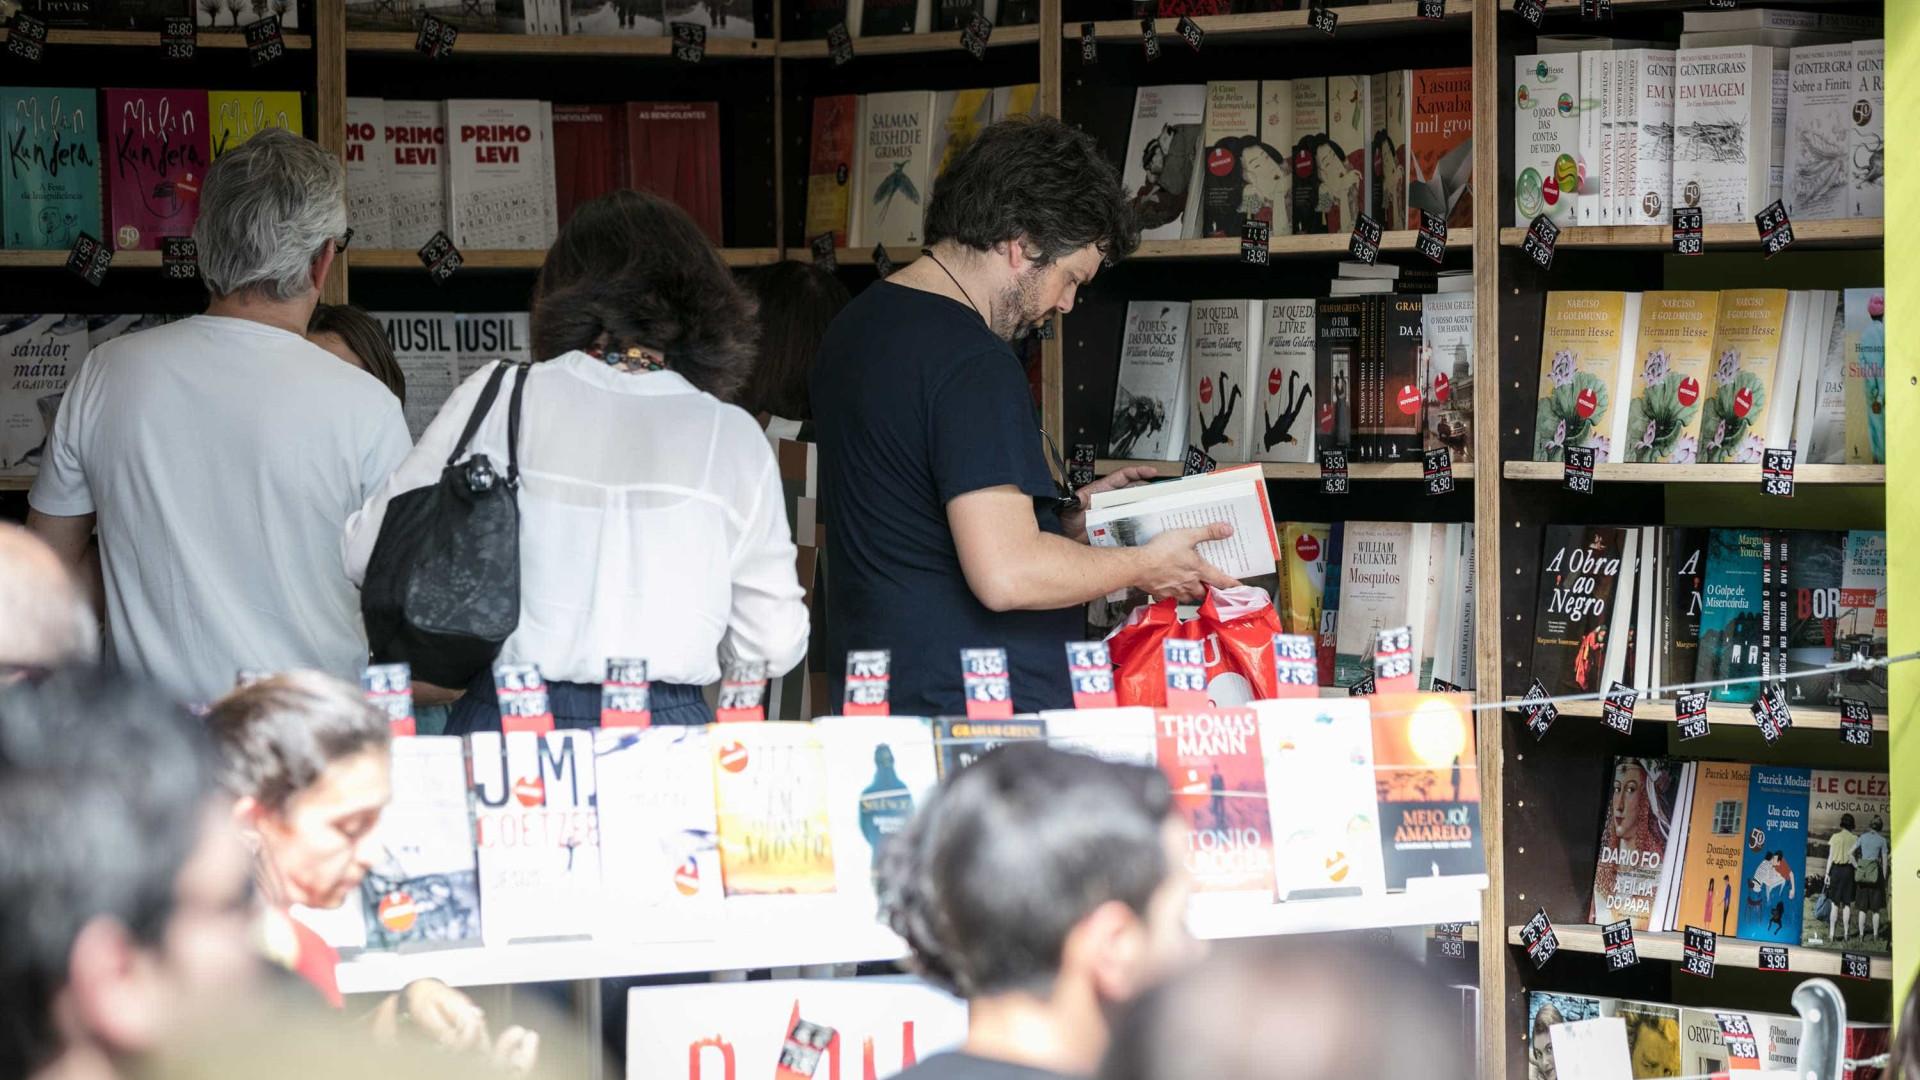 Feira do Livro: Quatro em cada cinco visitantes compraram um